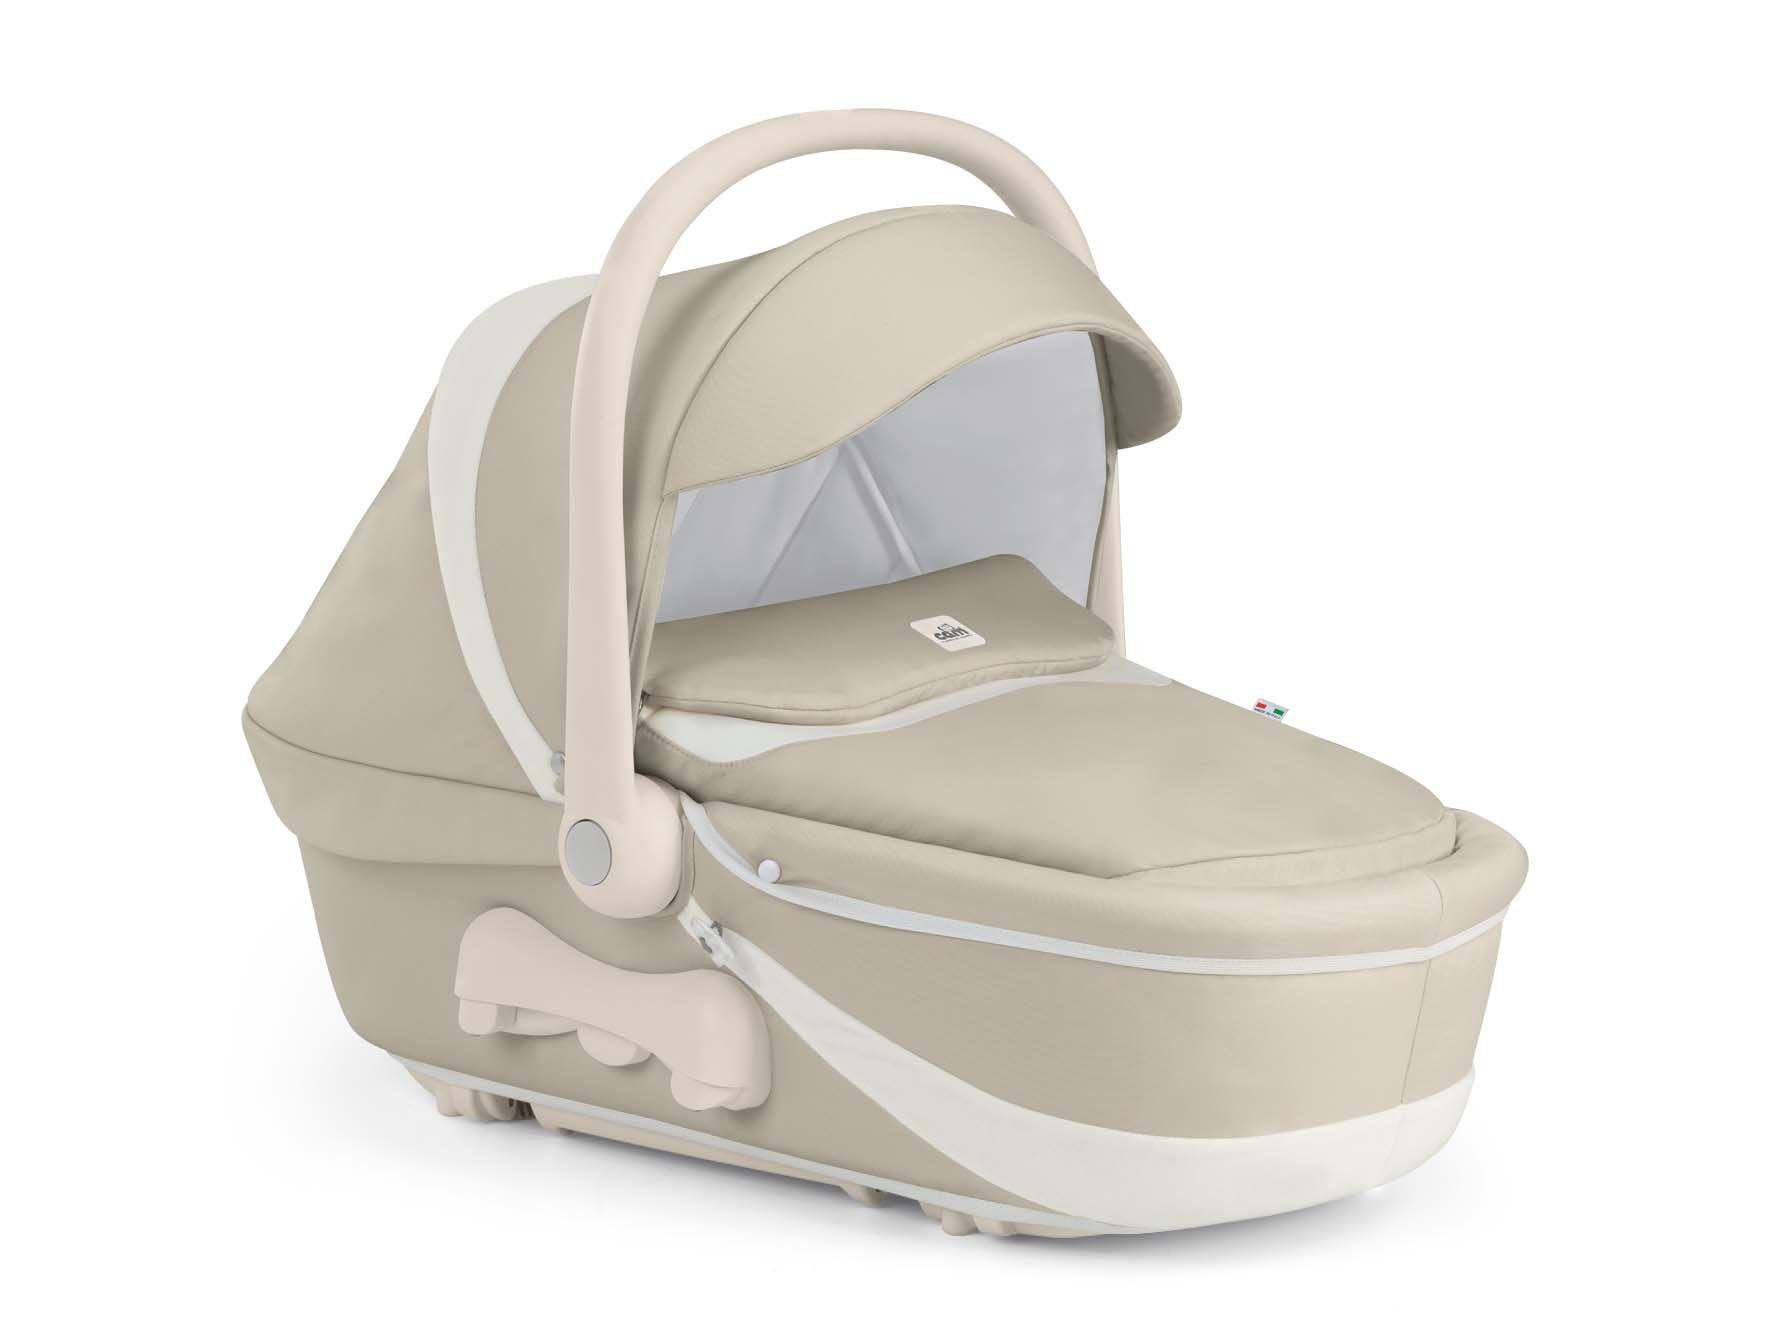 Cam Kinderwagen Fluido Orsibelli light brown-white by CAMSPA Italy für Baby und Kind